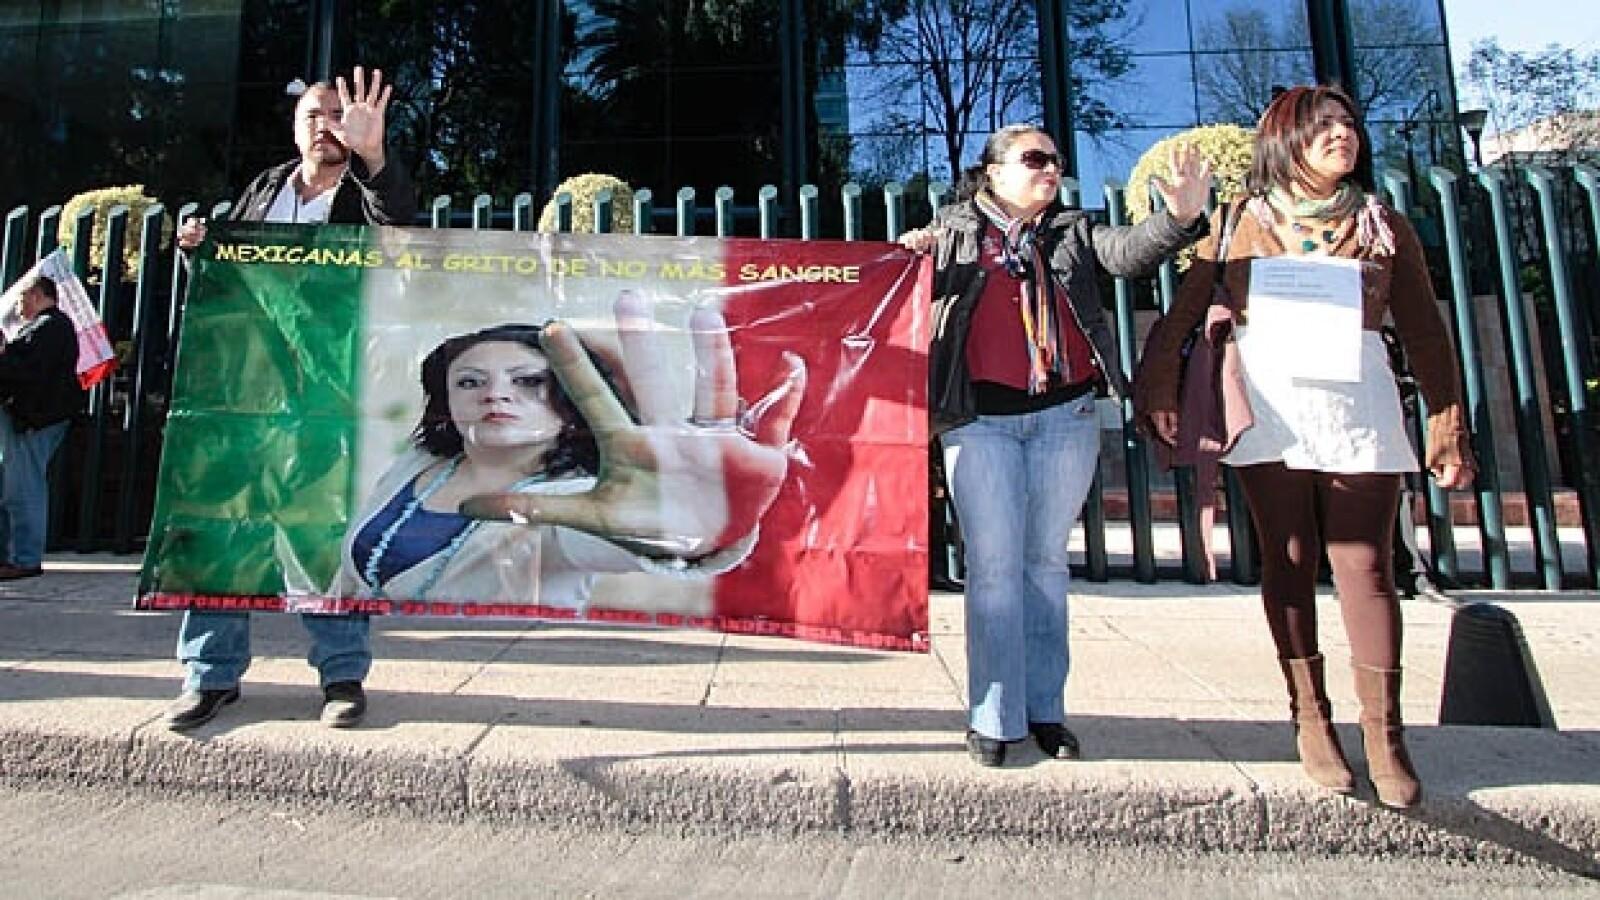 protesta opgr demanda calderon la haya 4